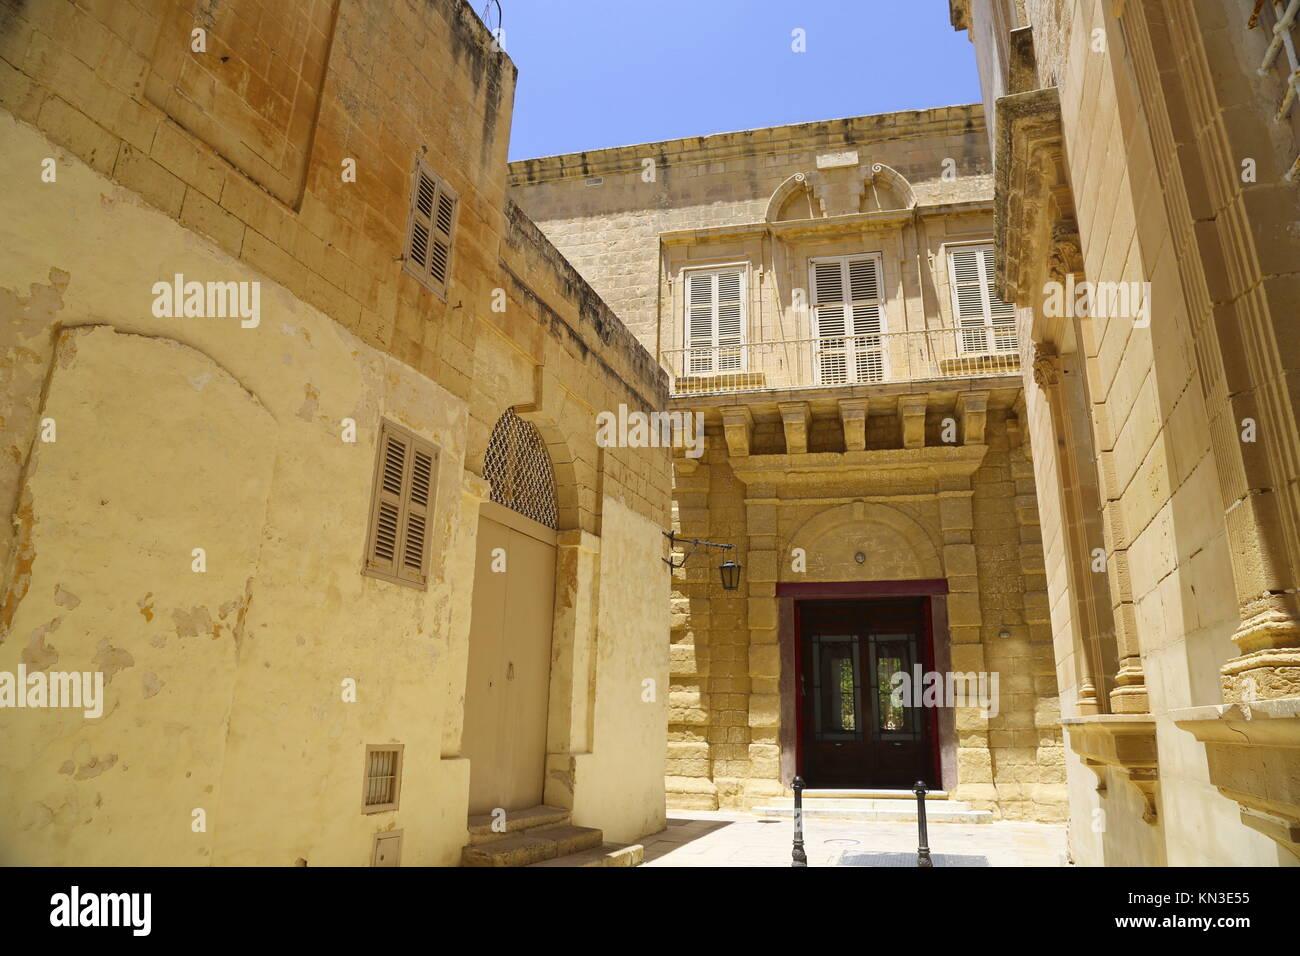 Historische Architektur in Mdina, Malta, Südeuropa. Stockbild